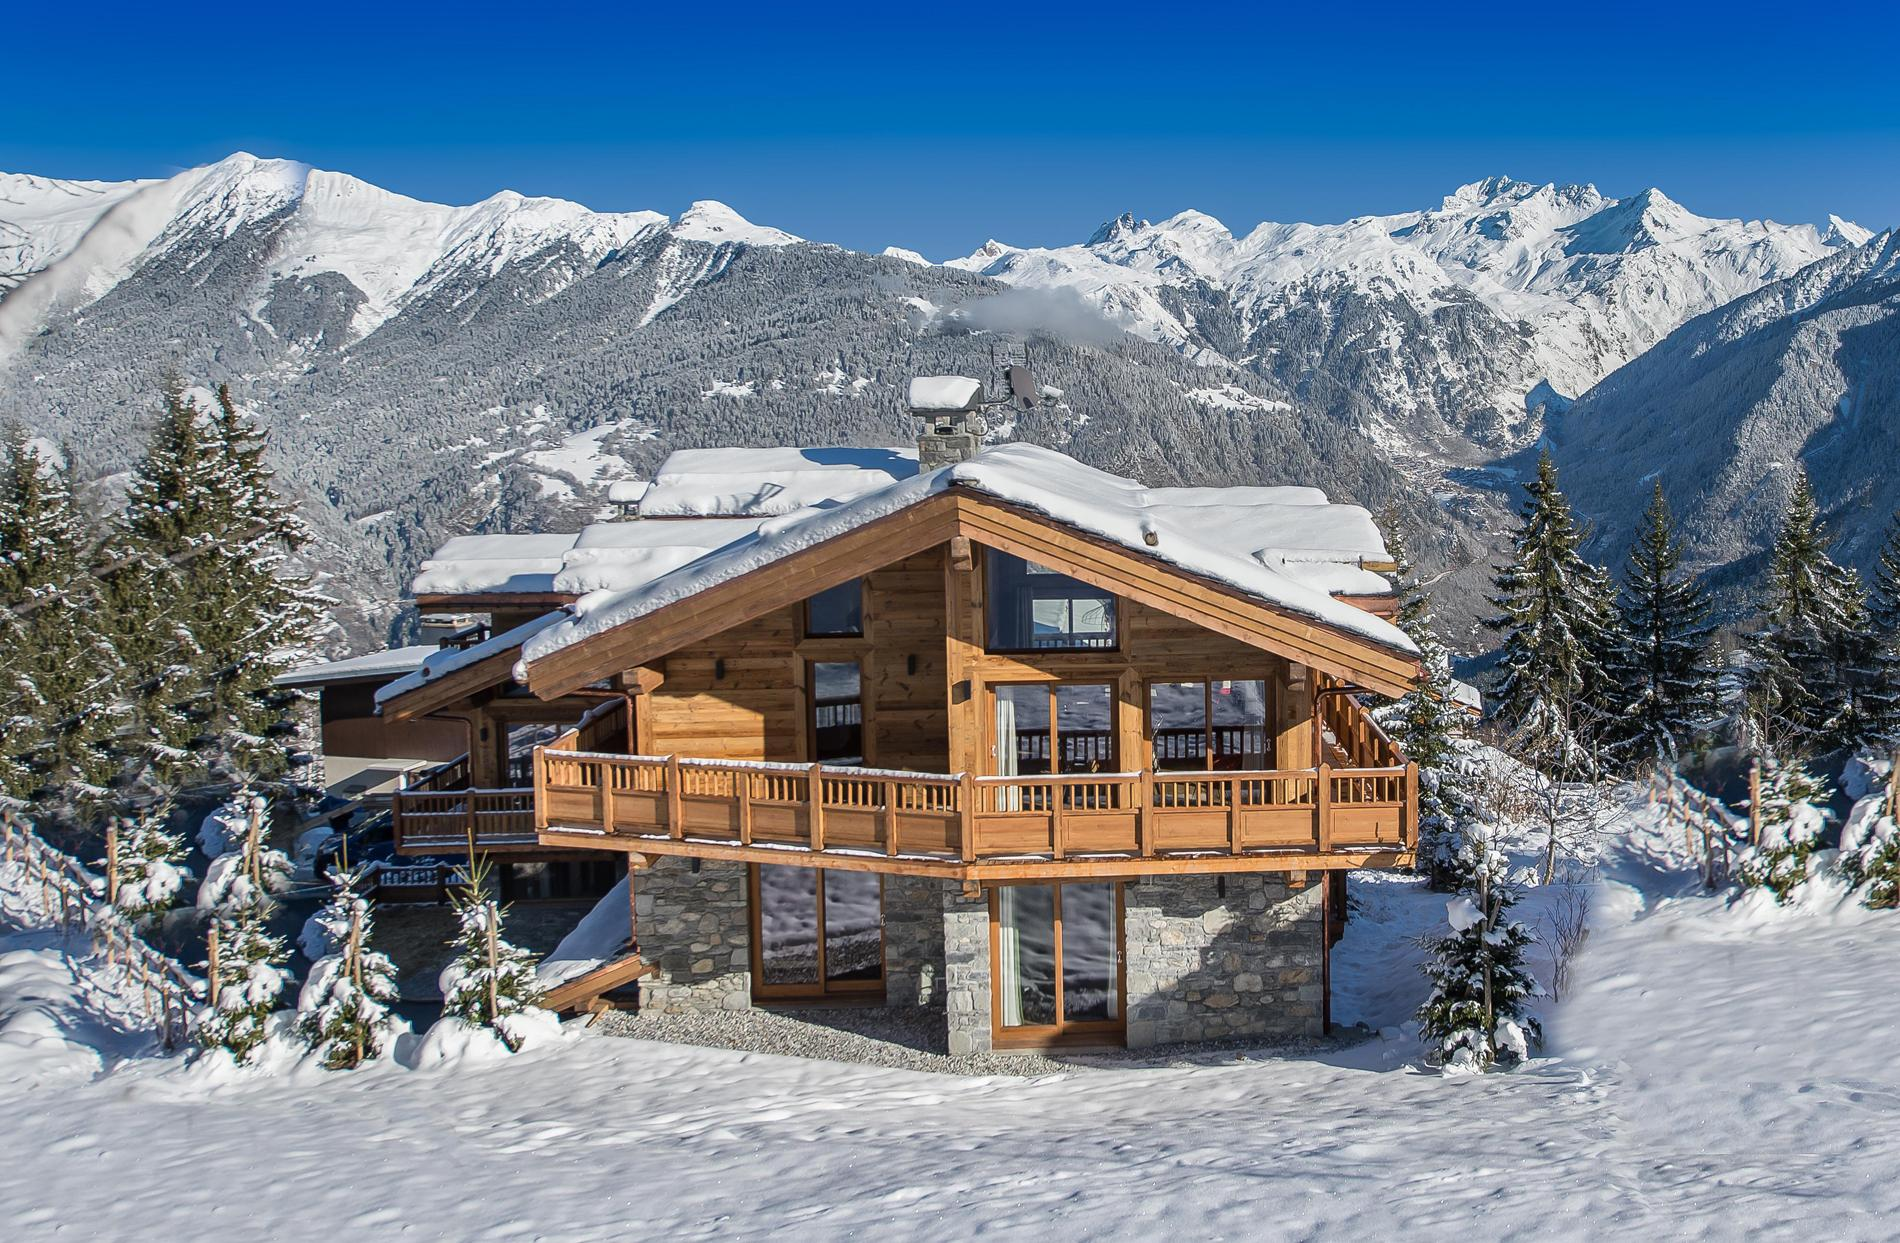 location chalet ski derniere minute